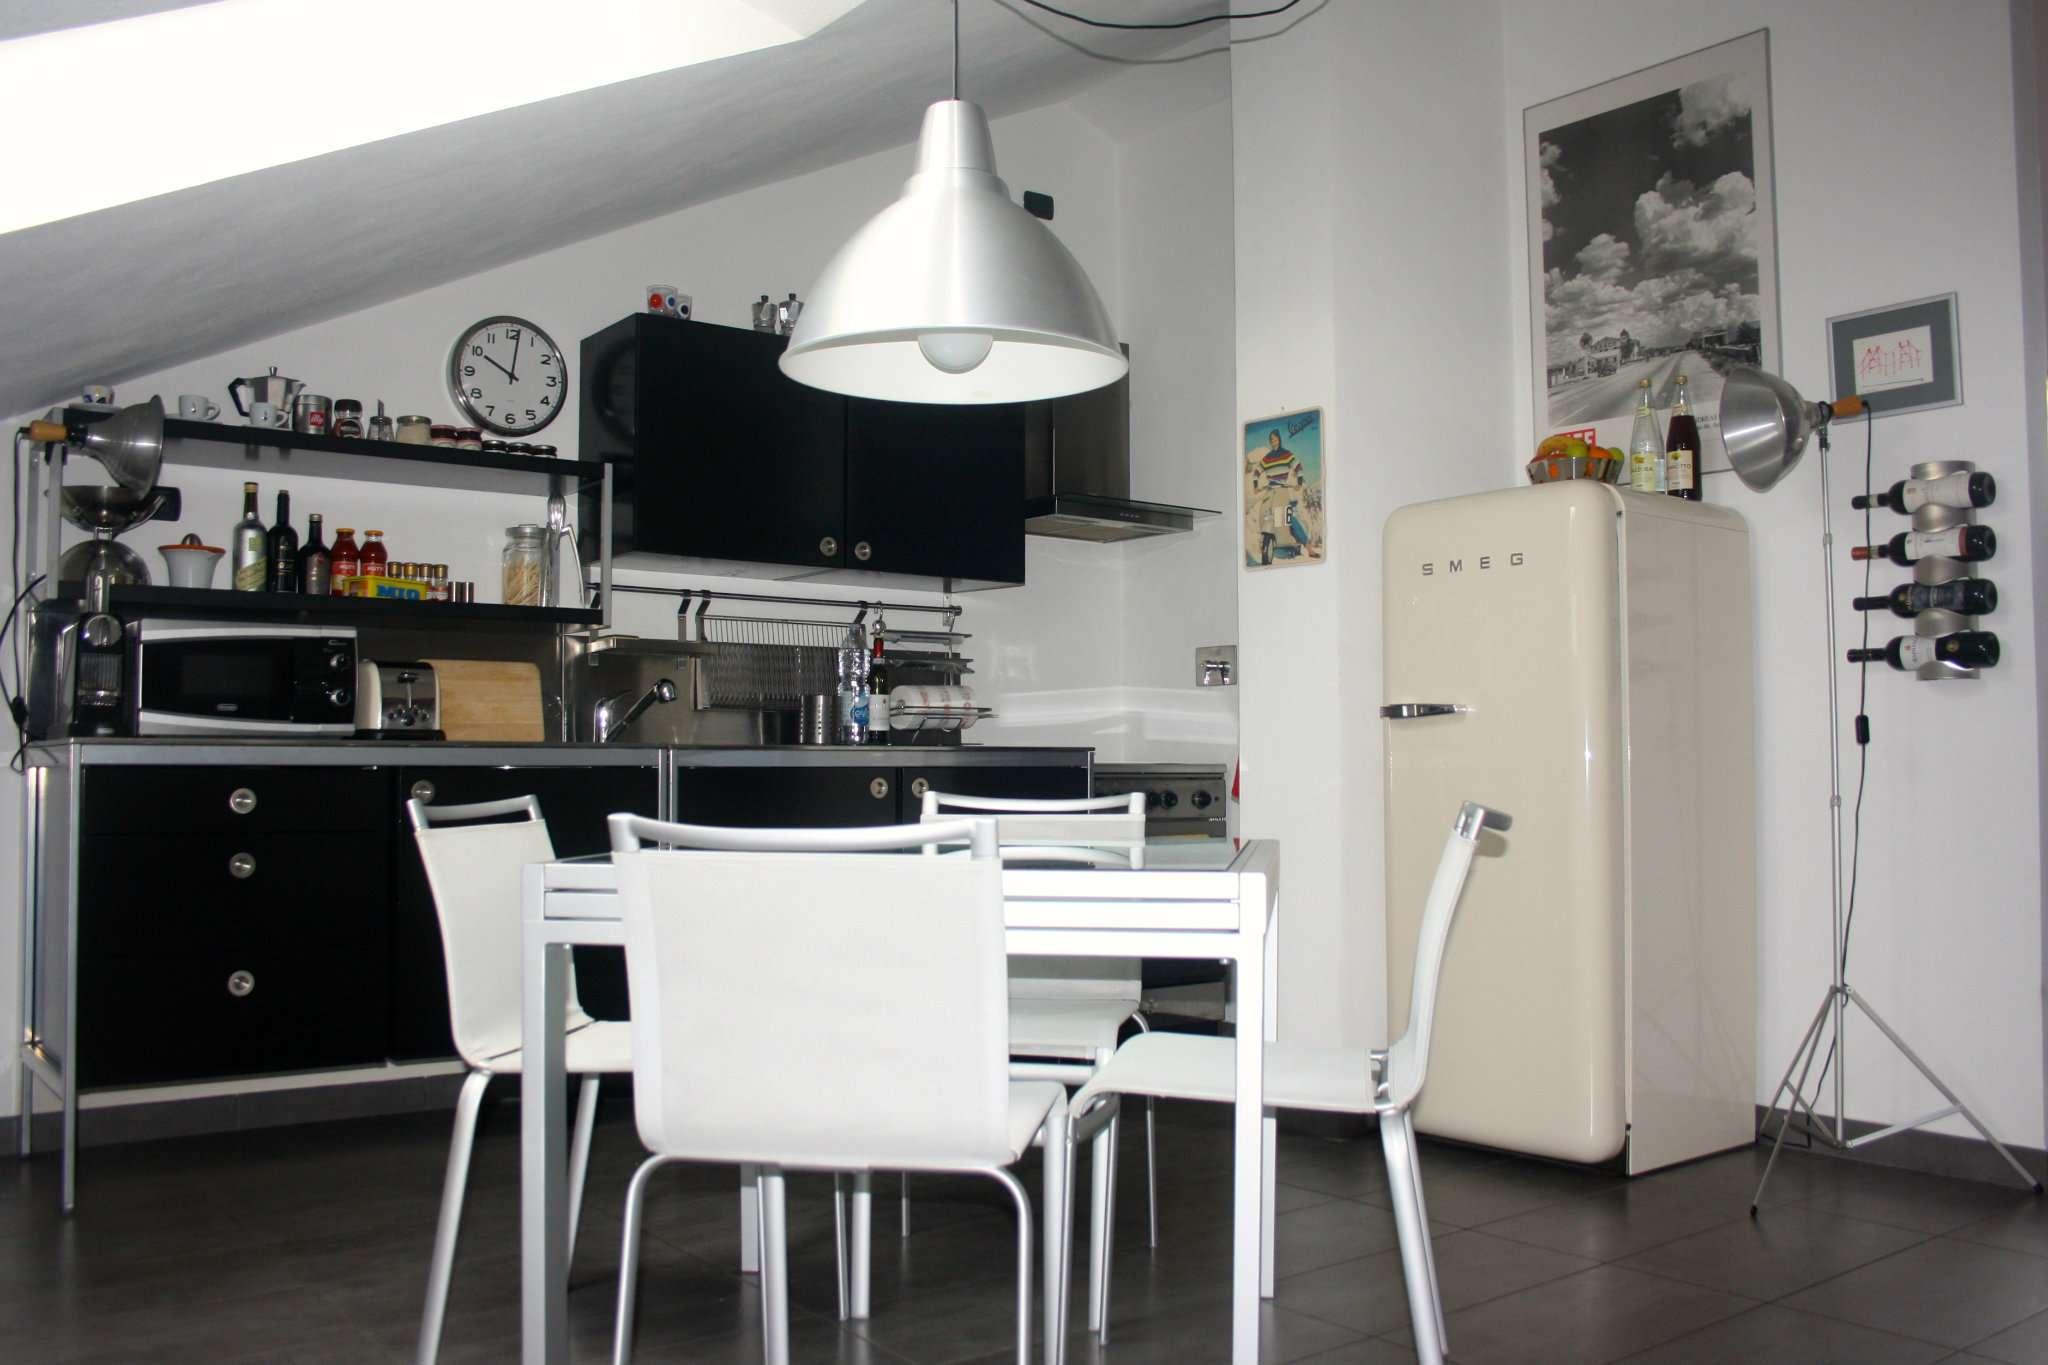 Appartamento in vendita a Bra, 3 locali, prezzo € 100.000 | Cambio Casa.it